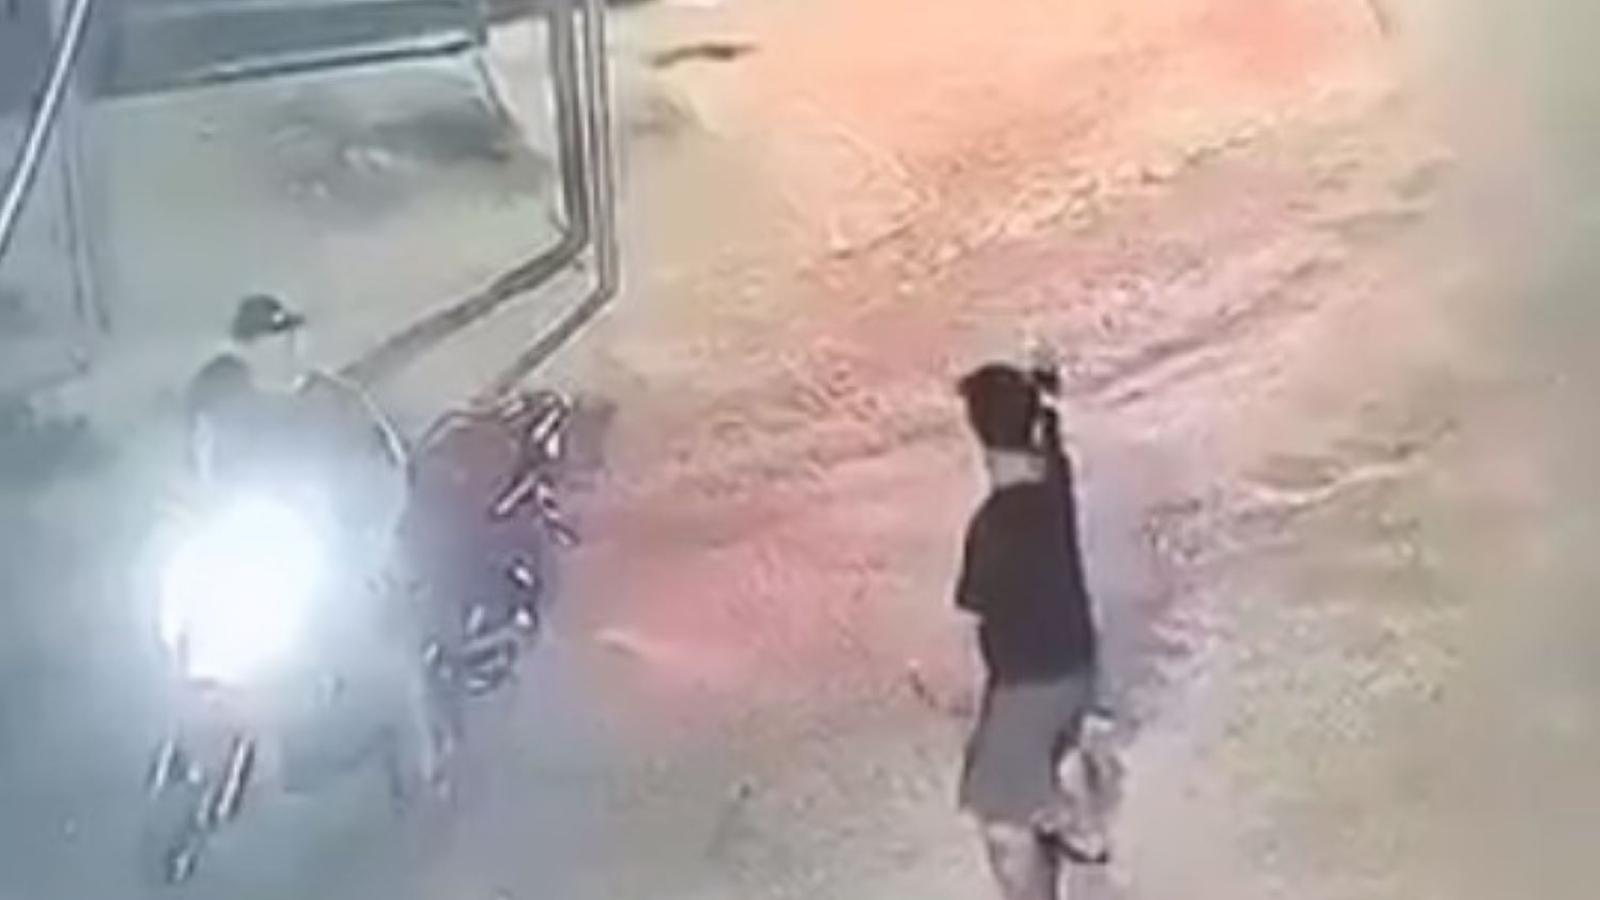 Nhóm thanh niên nổ súng, đuổi chém náo loạn khu phố